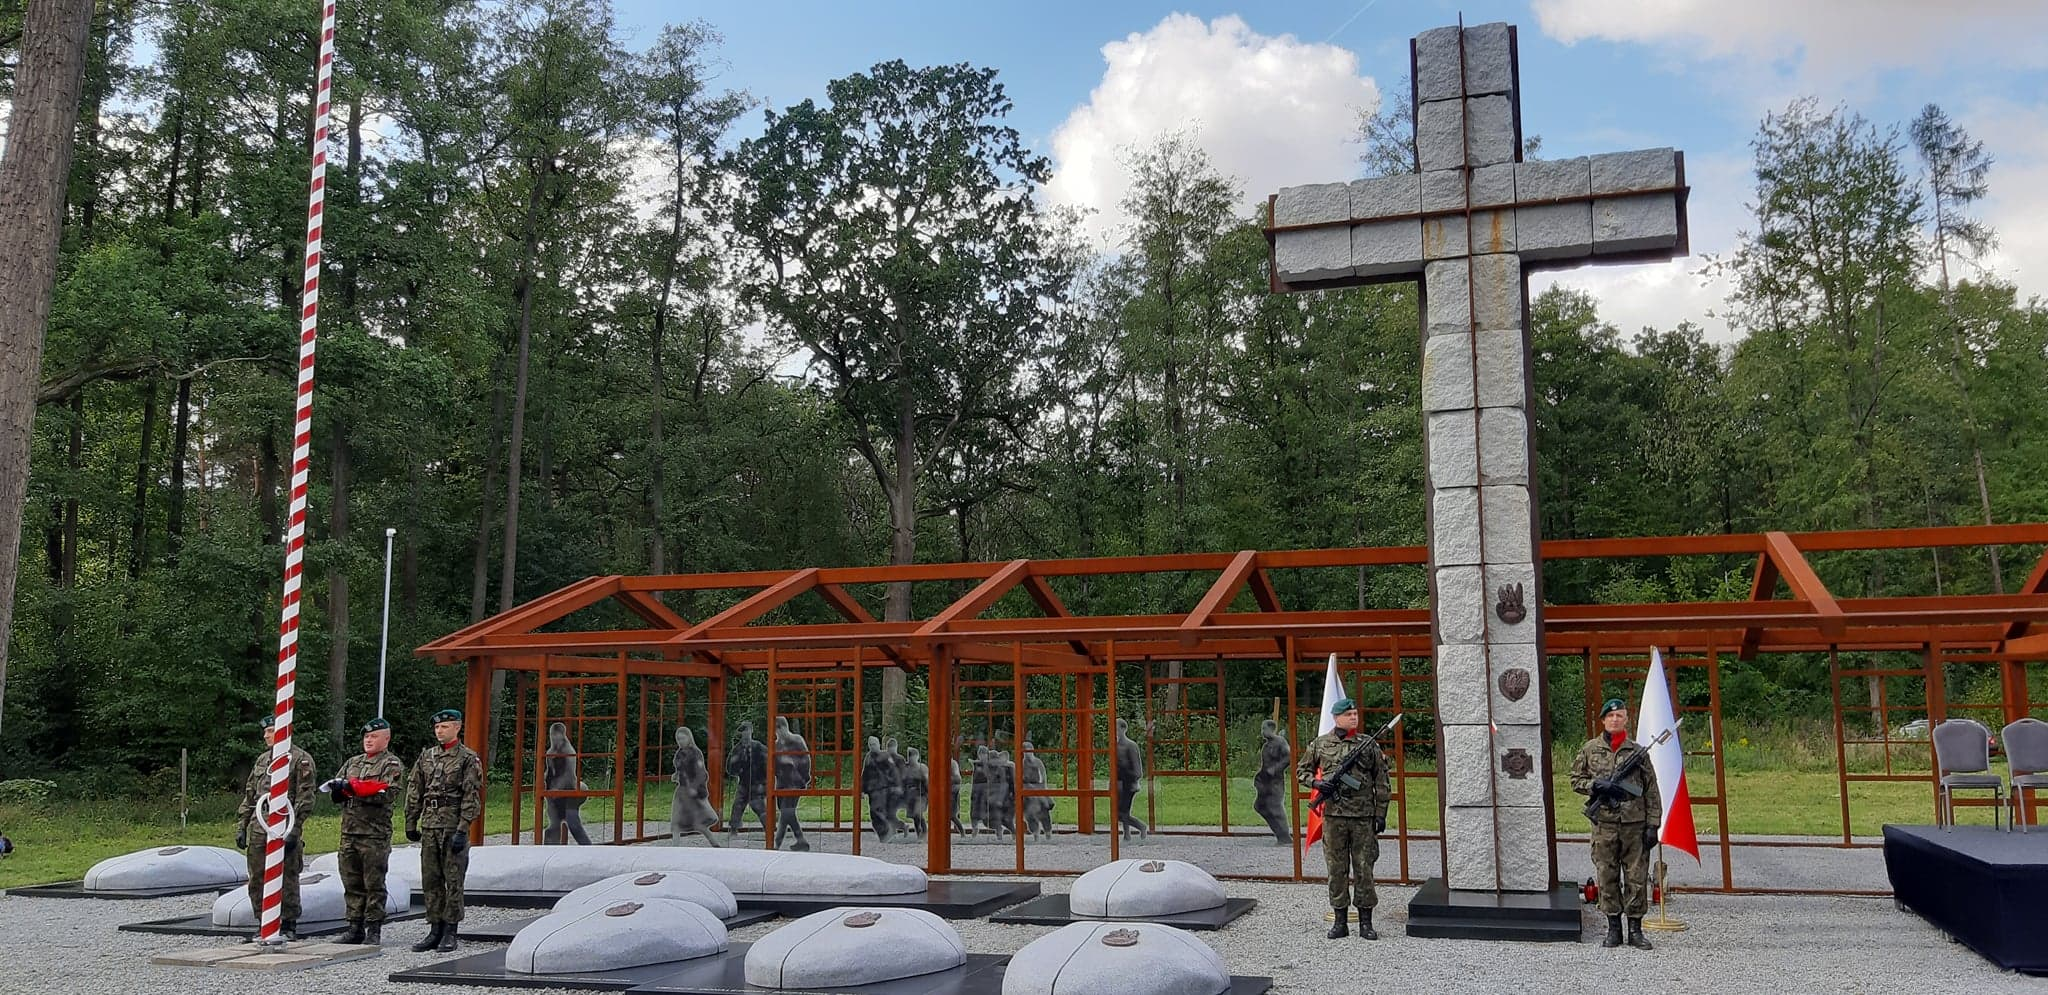 Pomnik upamiętniający pomordowanych żołnierzy NSZ. Stary Grodków.